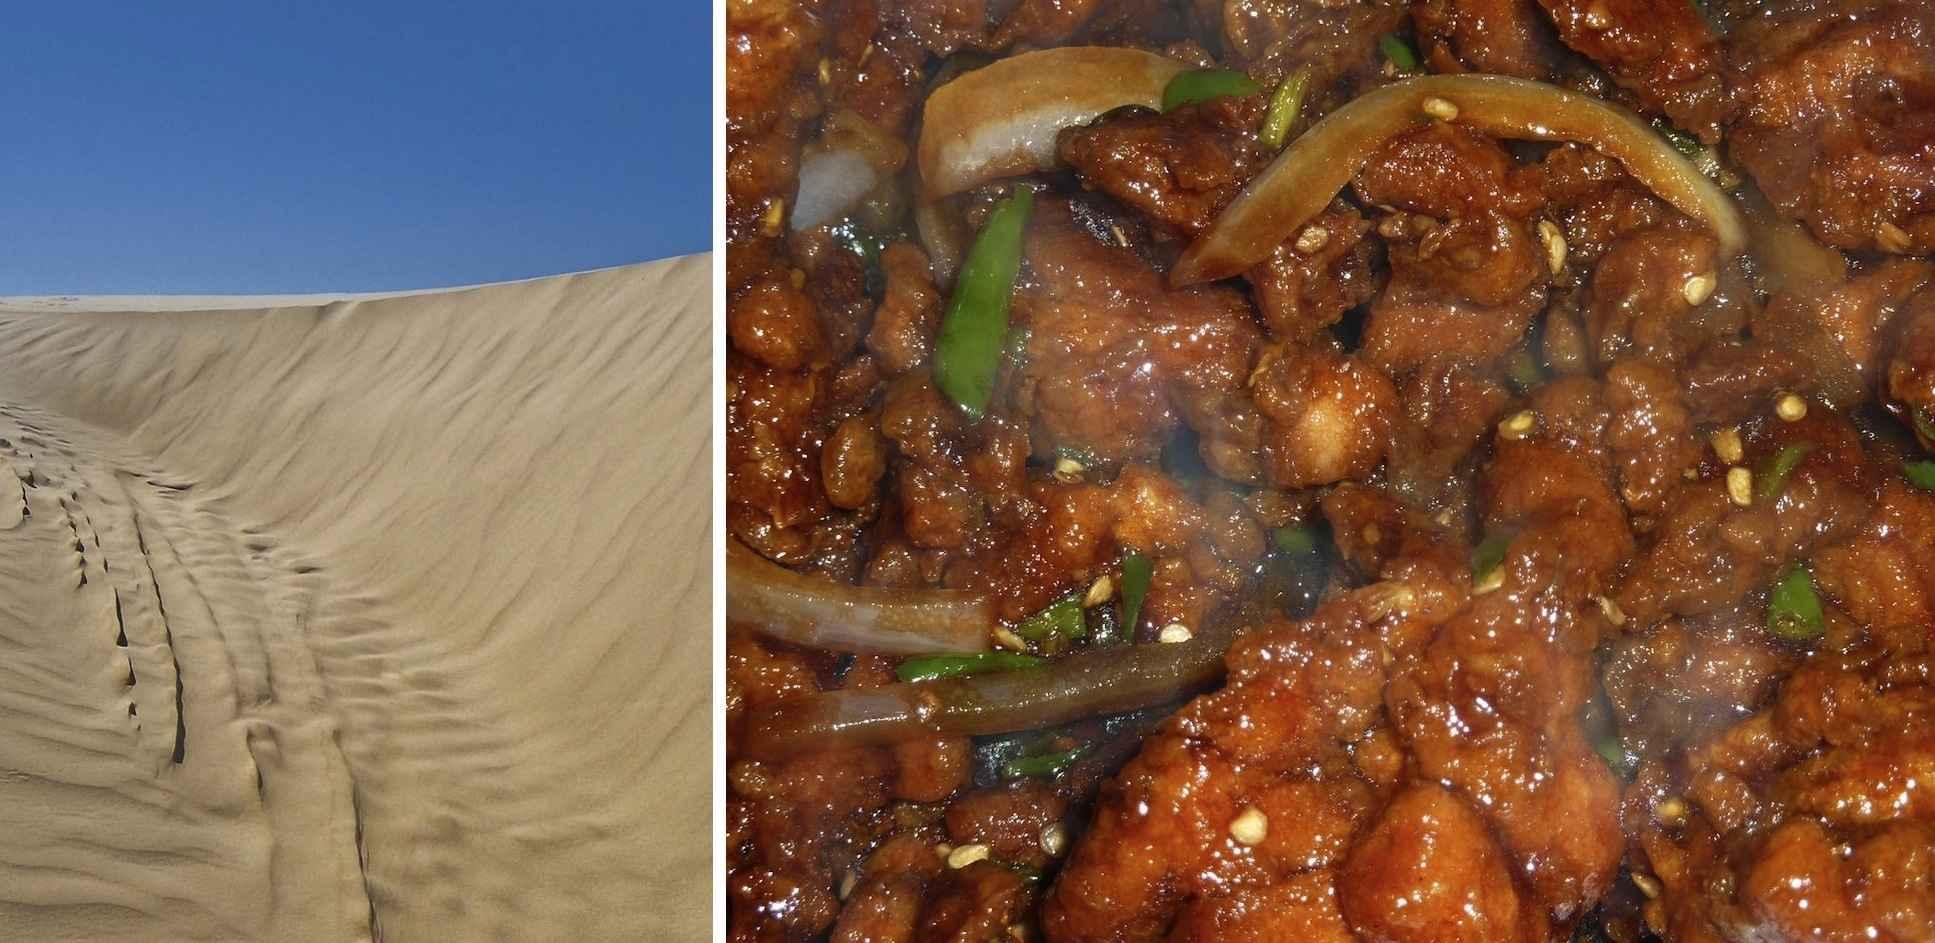 sand-chili